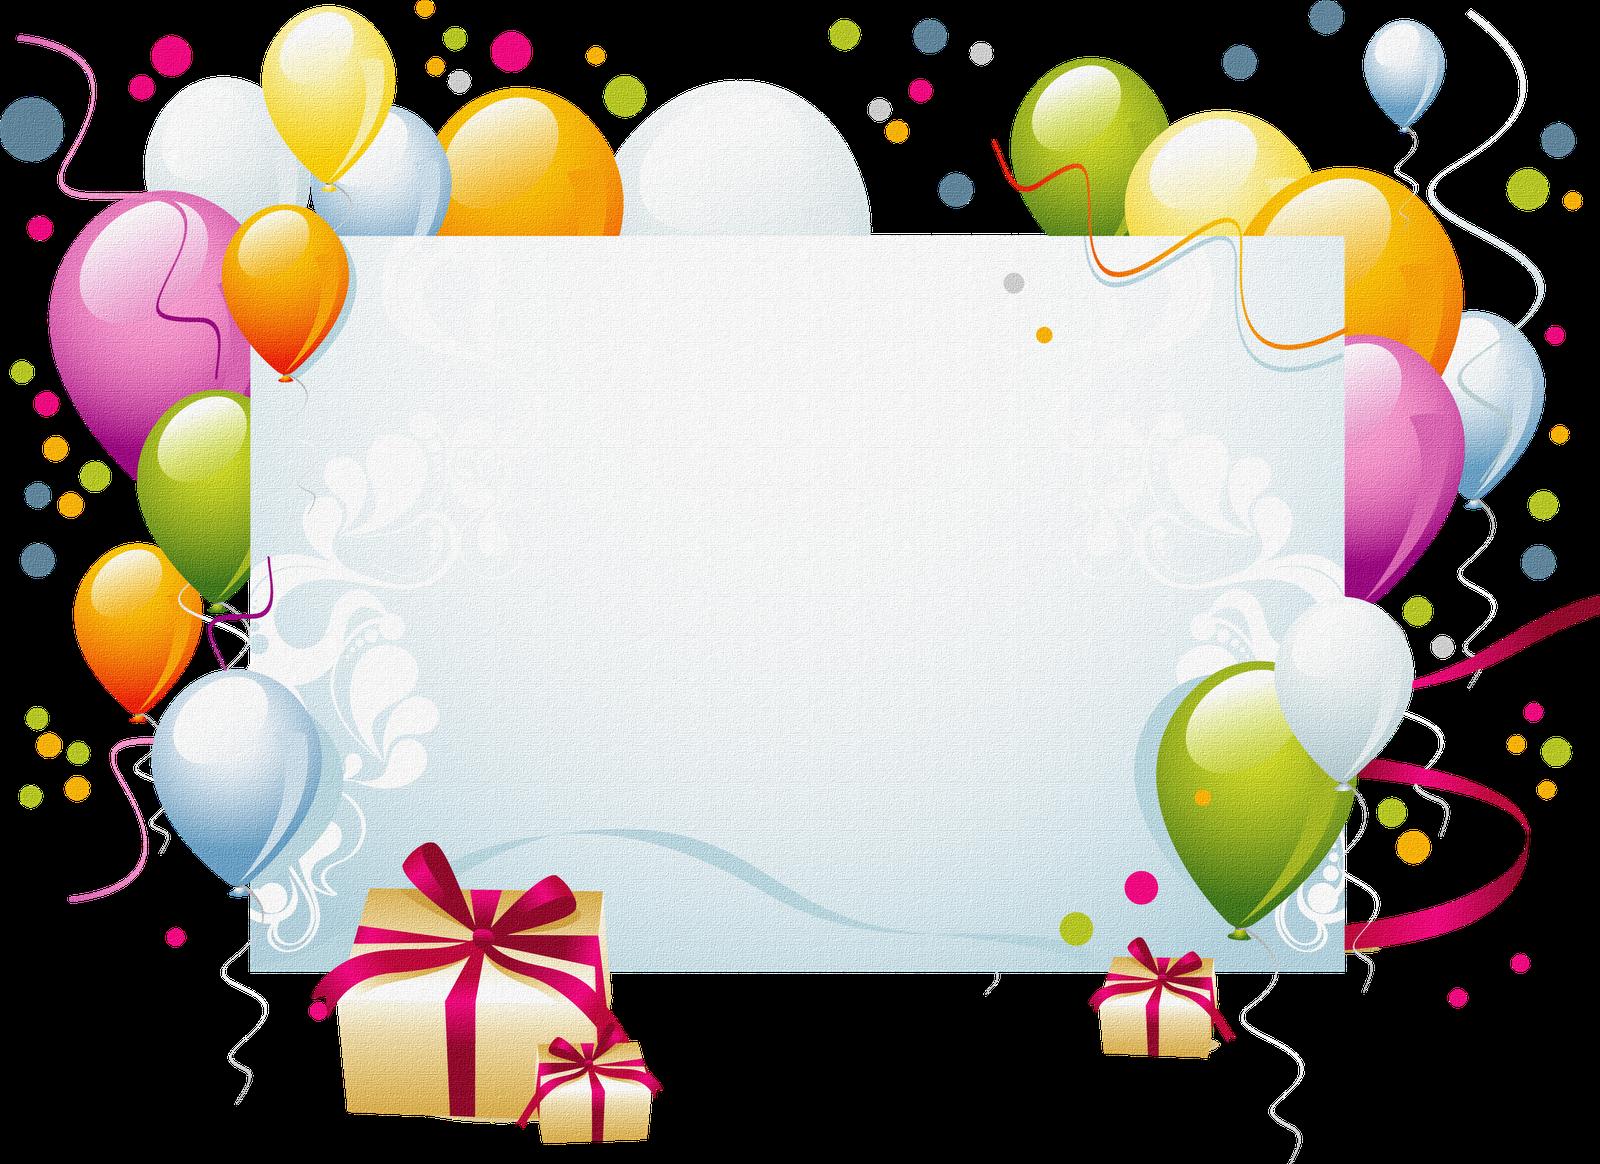 Поздравительная открытка с днем рождения фон